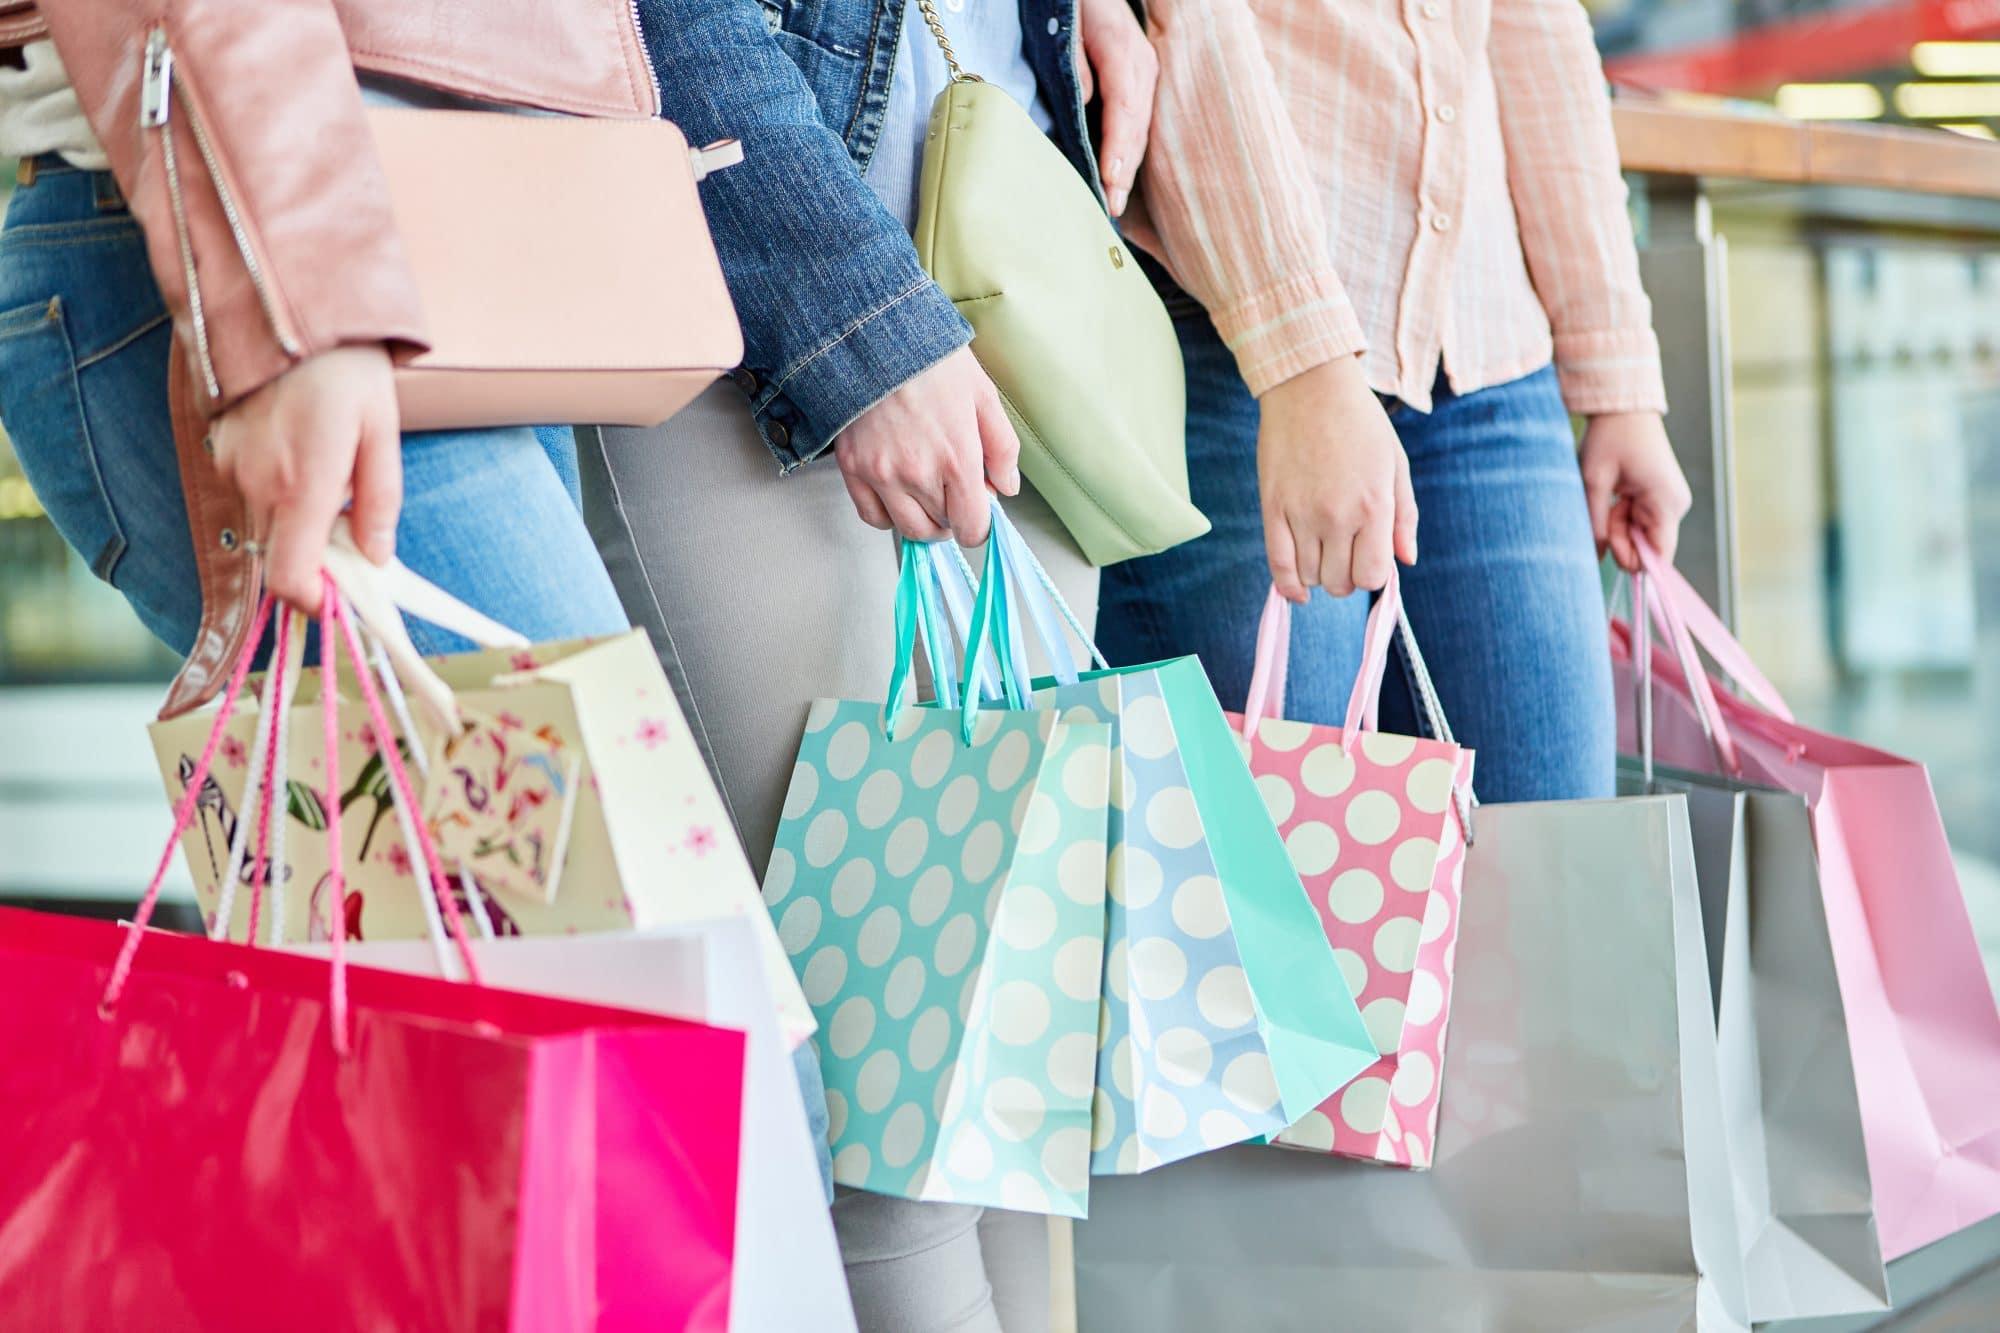 Lotta alla contraffazione, sensibilizziamo i giovani